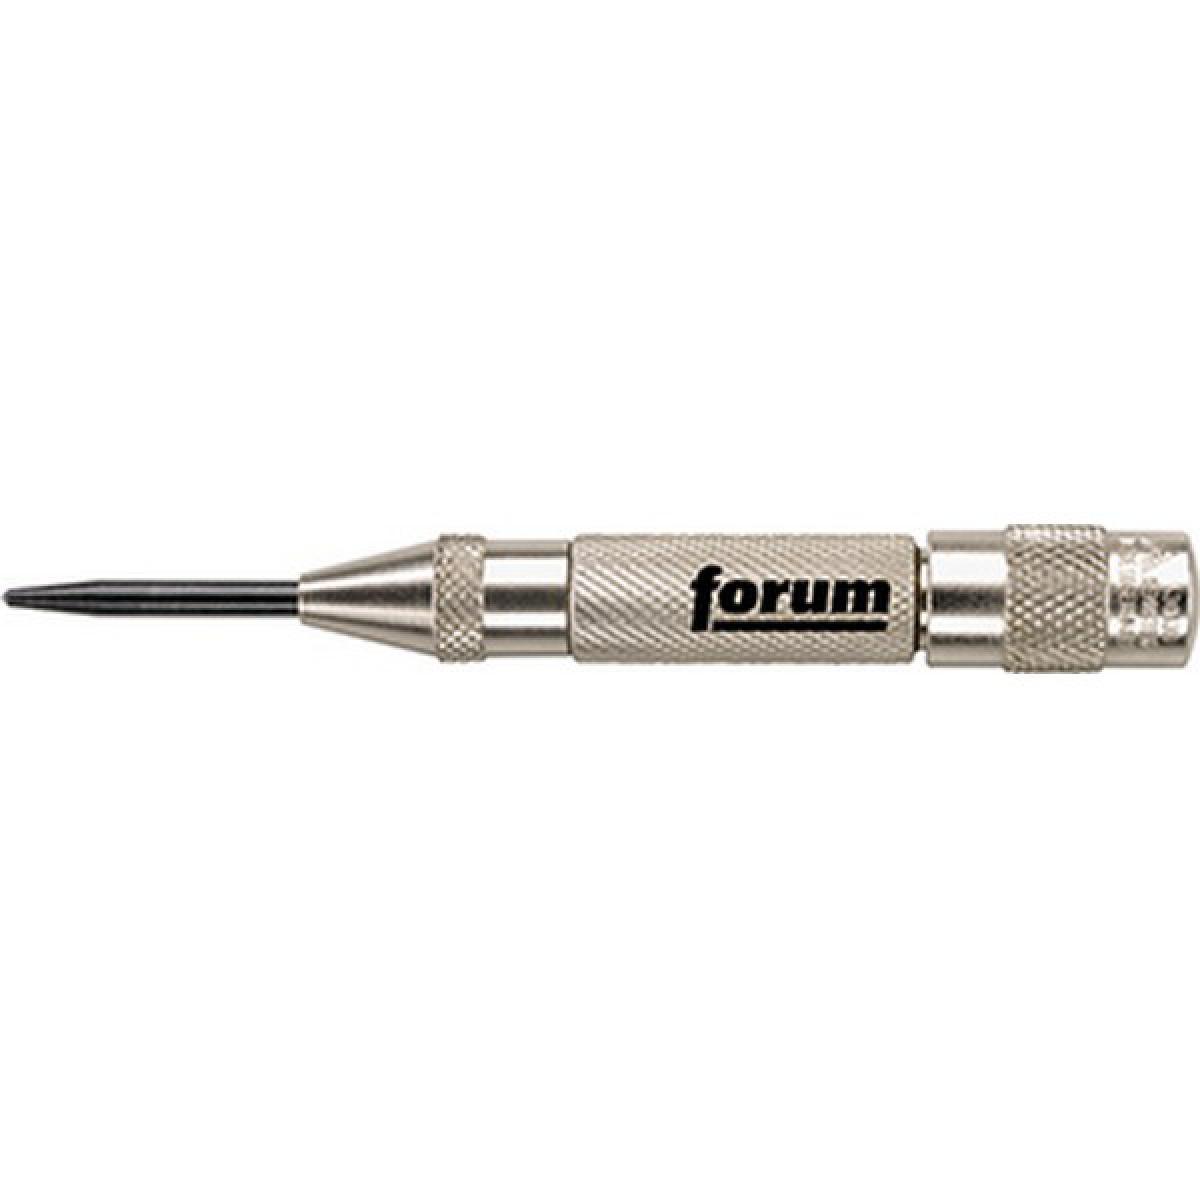 Forum Pointeau automatique, Ø : 4,0 mm, Long. 125 mm, Ø de tige 14 mm